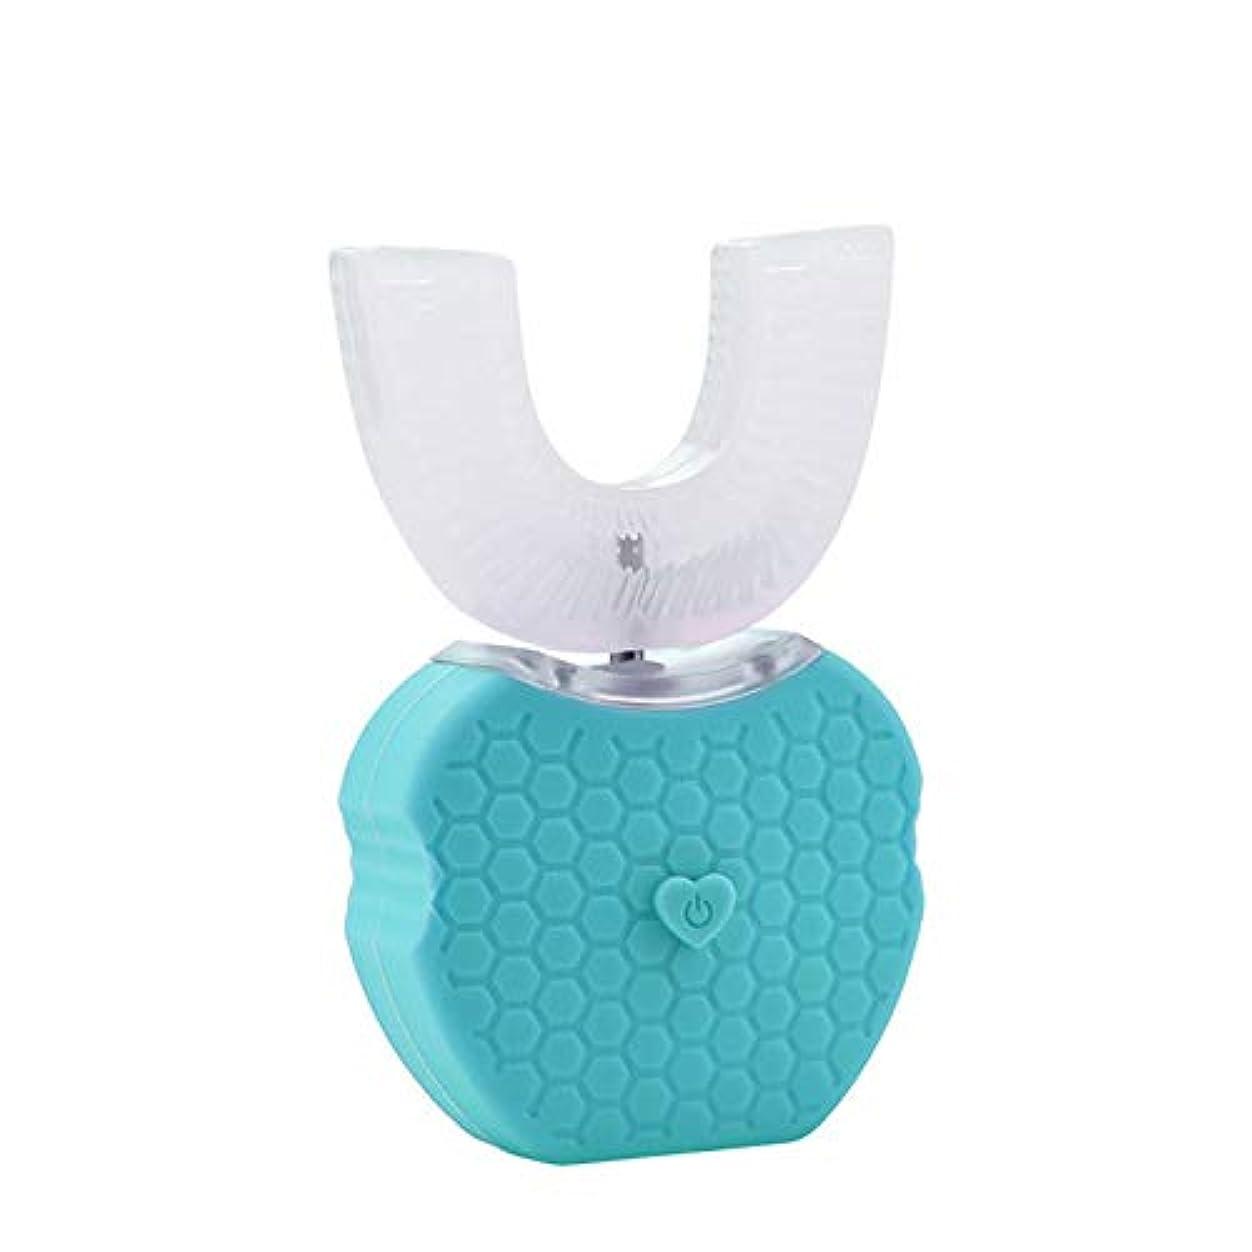 呼ぶ専門知識構想するフルオートマチック可変周波数電動歯ブラシ、自動360度U字型電動歯ブラシ、ワイヤレス充電IPX7防水自動歯ブラシ(大人用),Blue